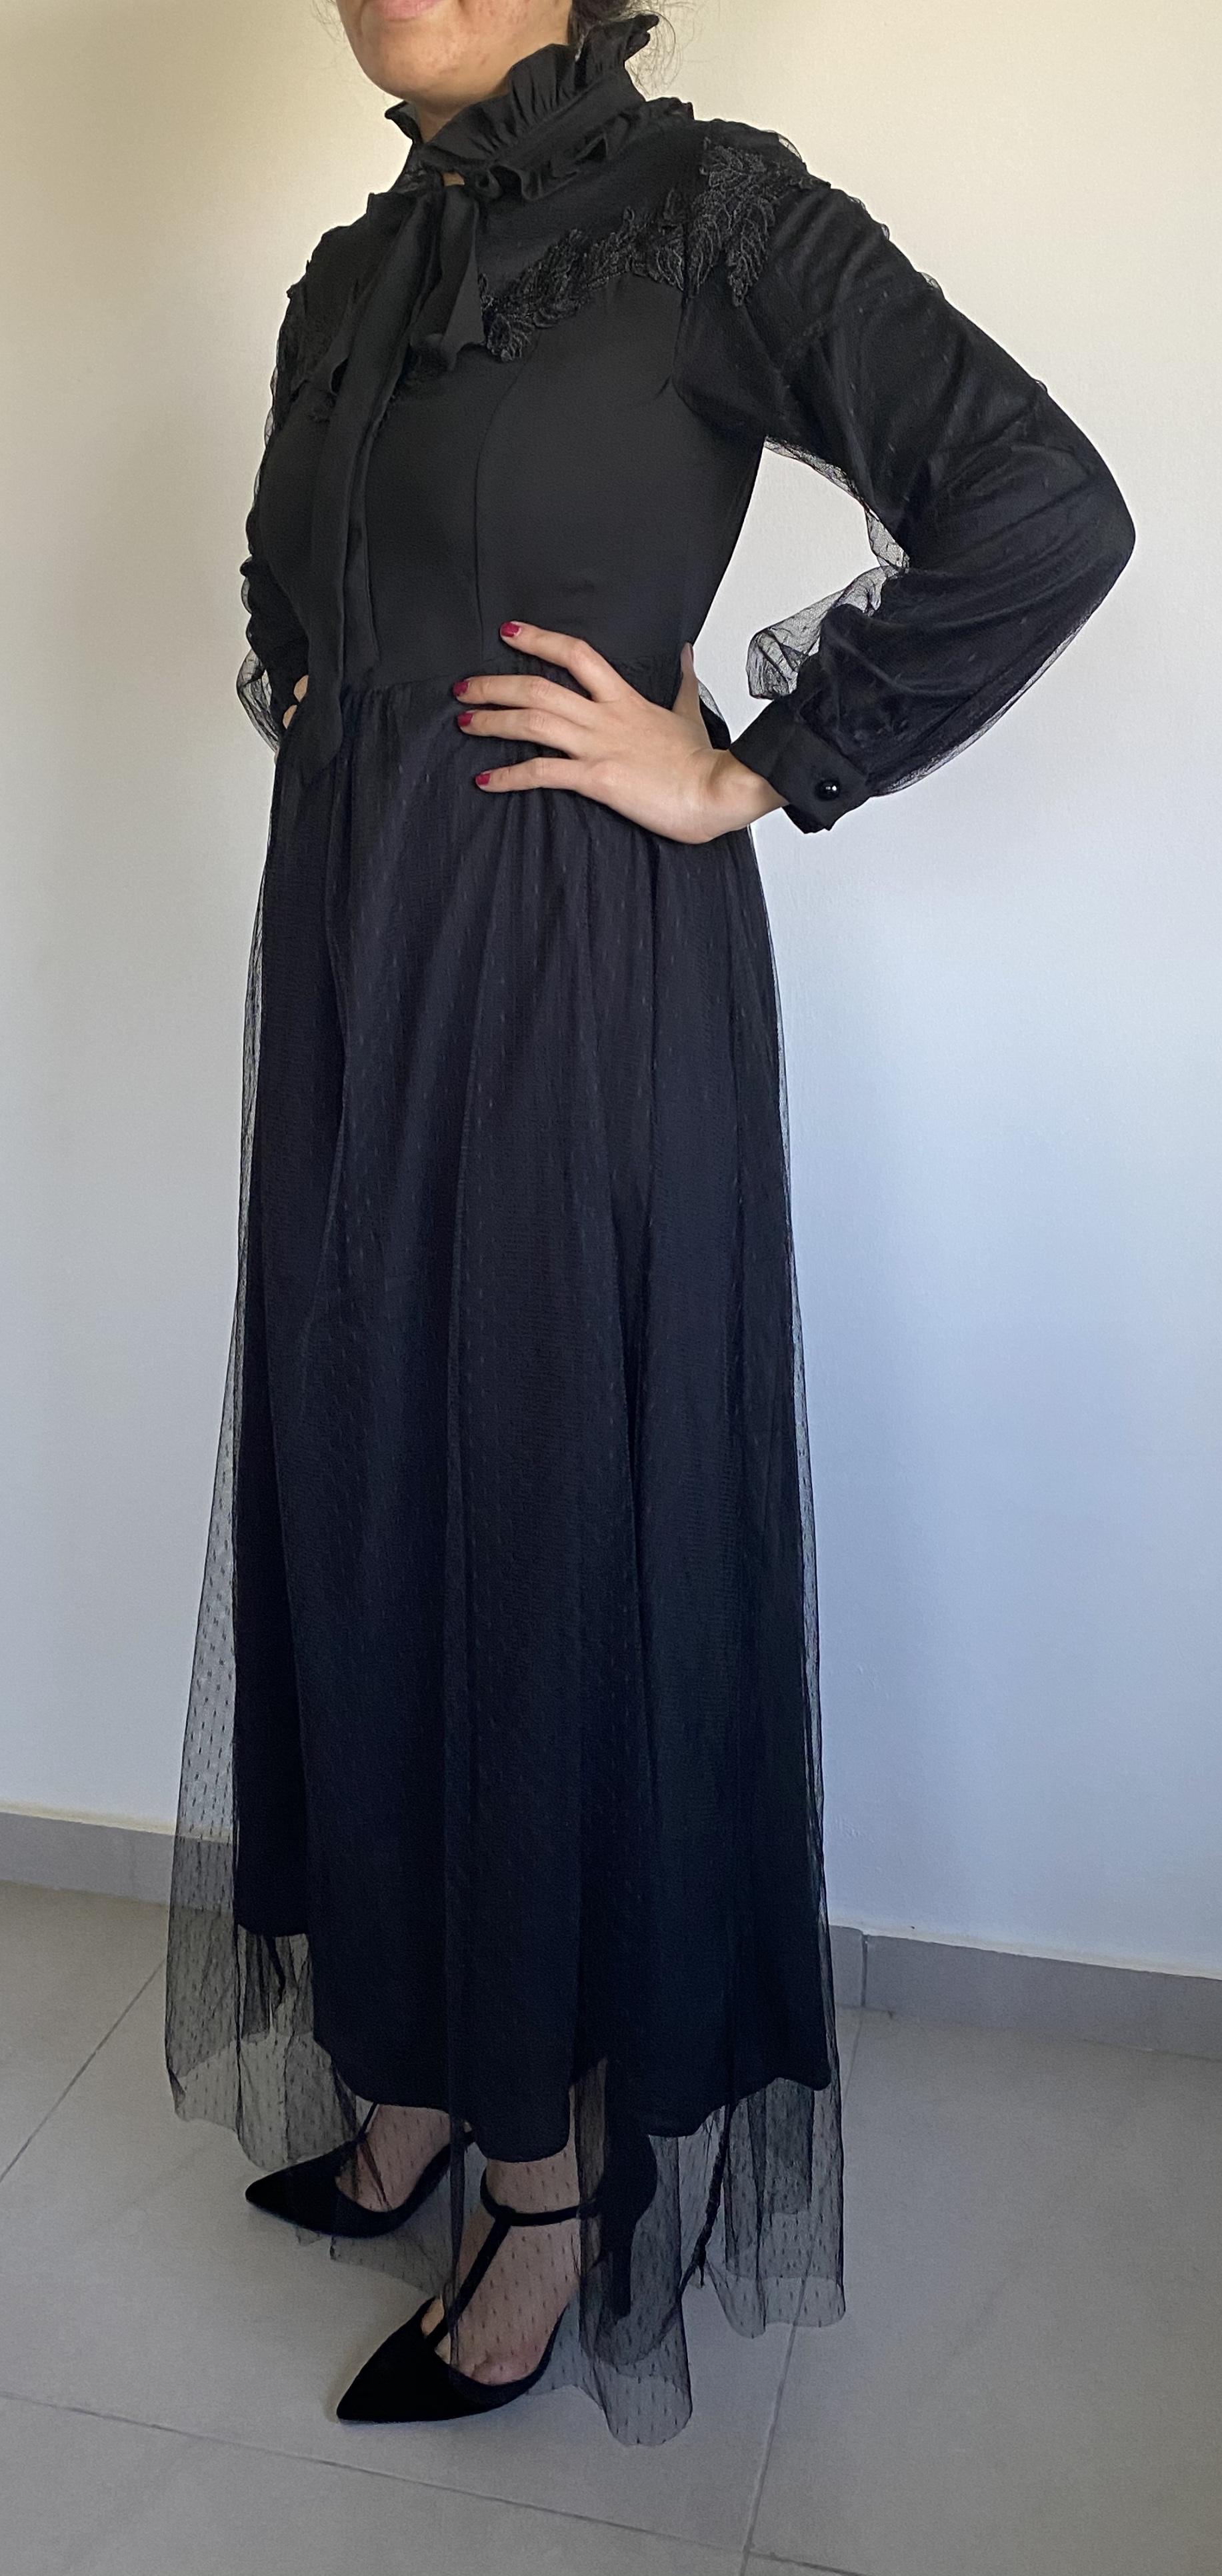 תמונות נוספות של שמלת ערב צנועה בצבע שחור דו שכבתי